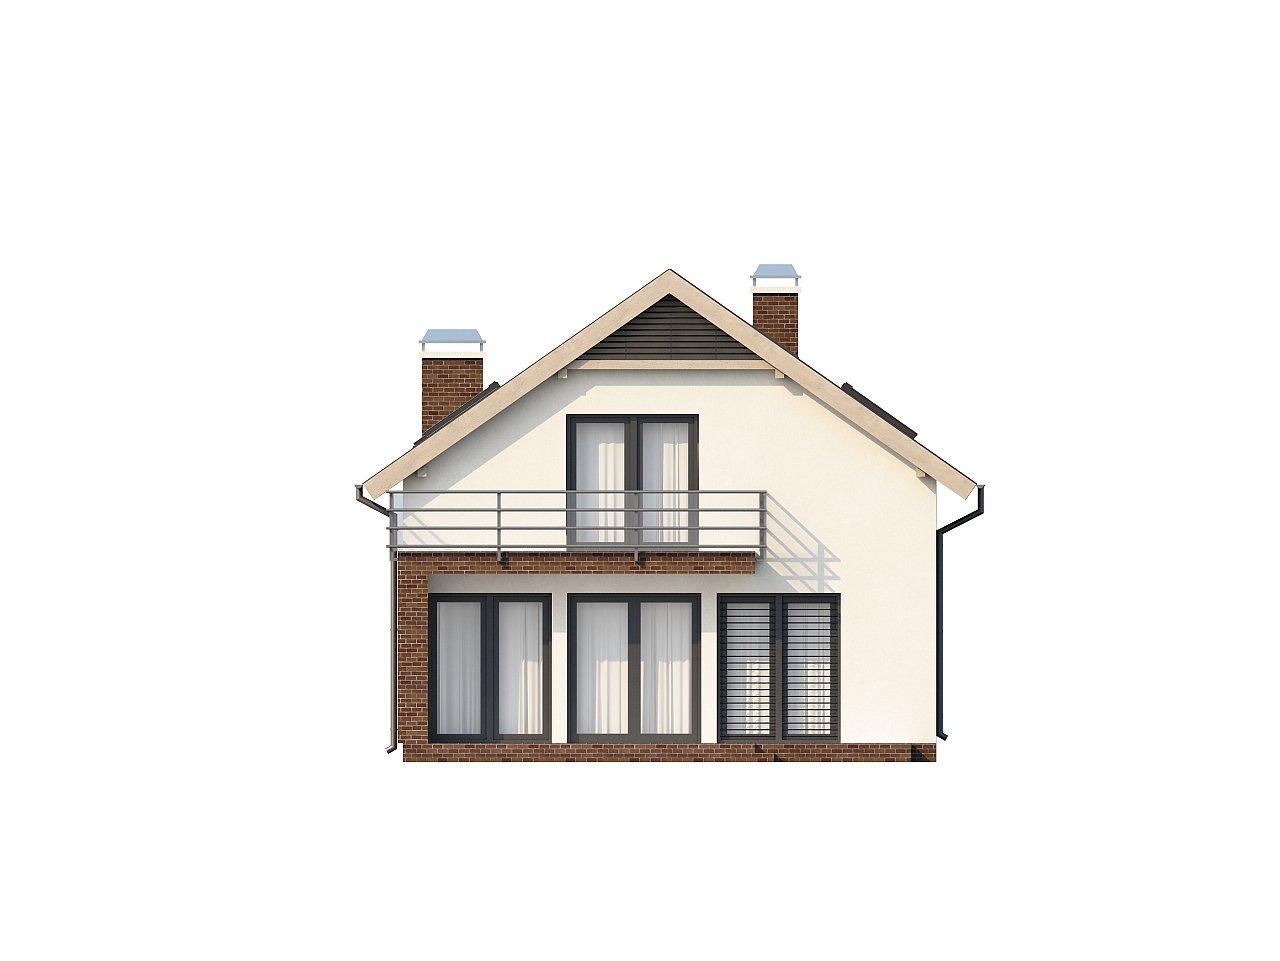 Дом в традиционном стиле с мансардой, со встроенным гаражом, подходящий для узкого участка. 4